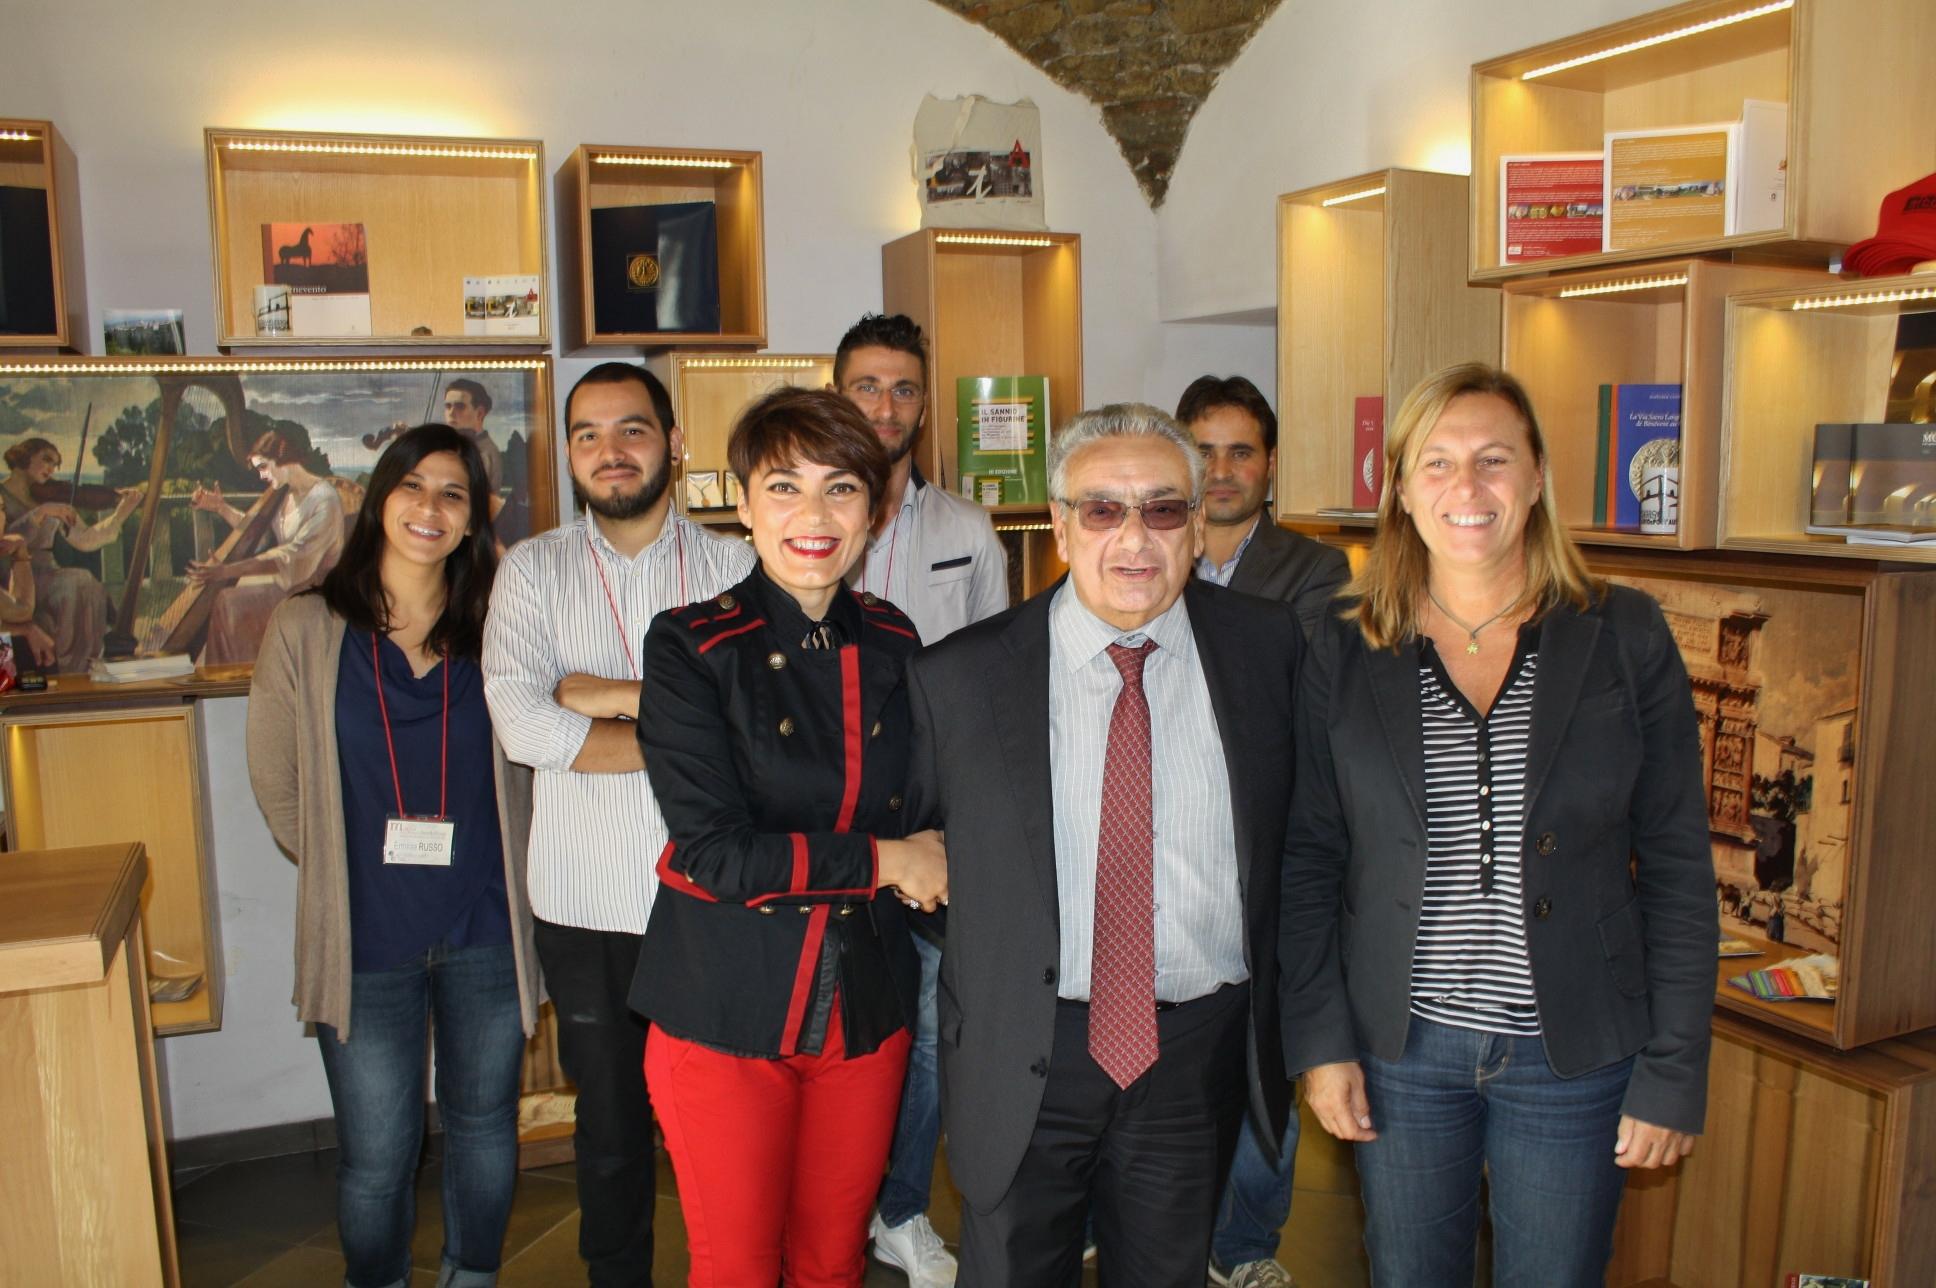 Apertura della nuova sezione del Museo del Sannio alla presenza del Commissario straordinario Cimitile